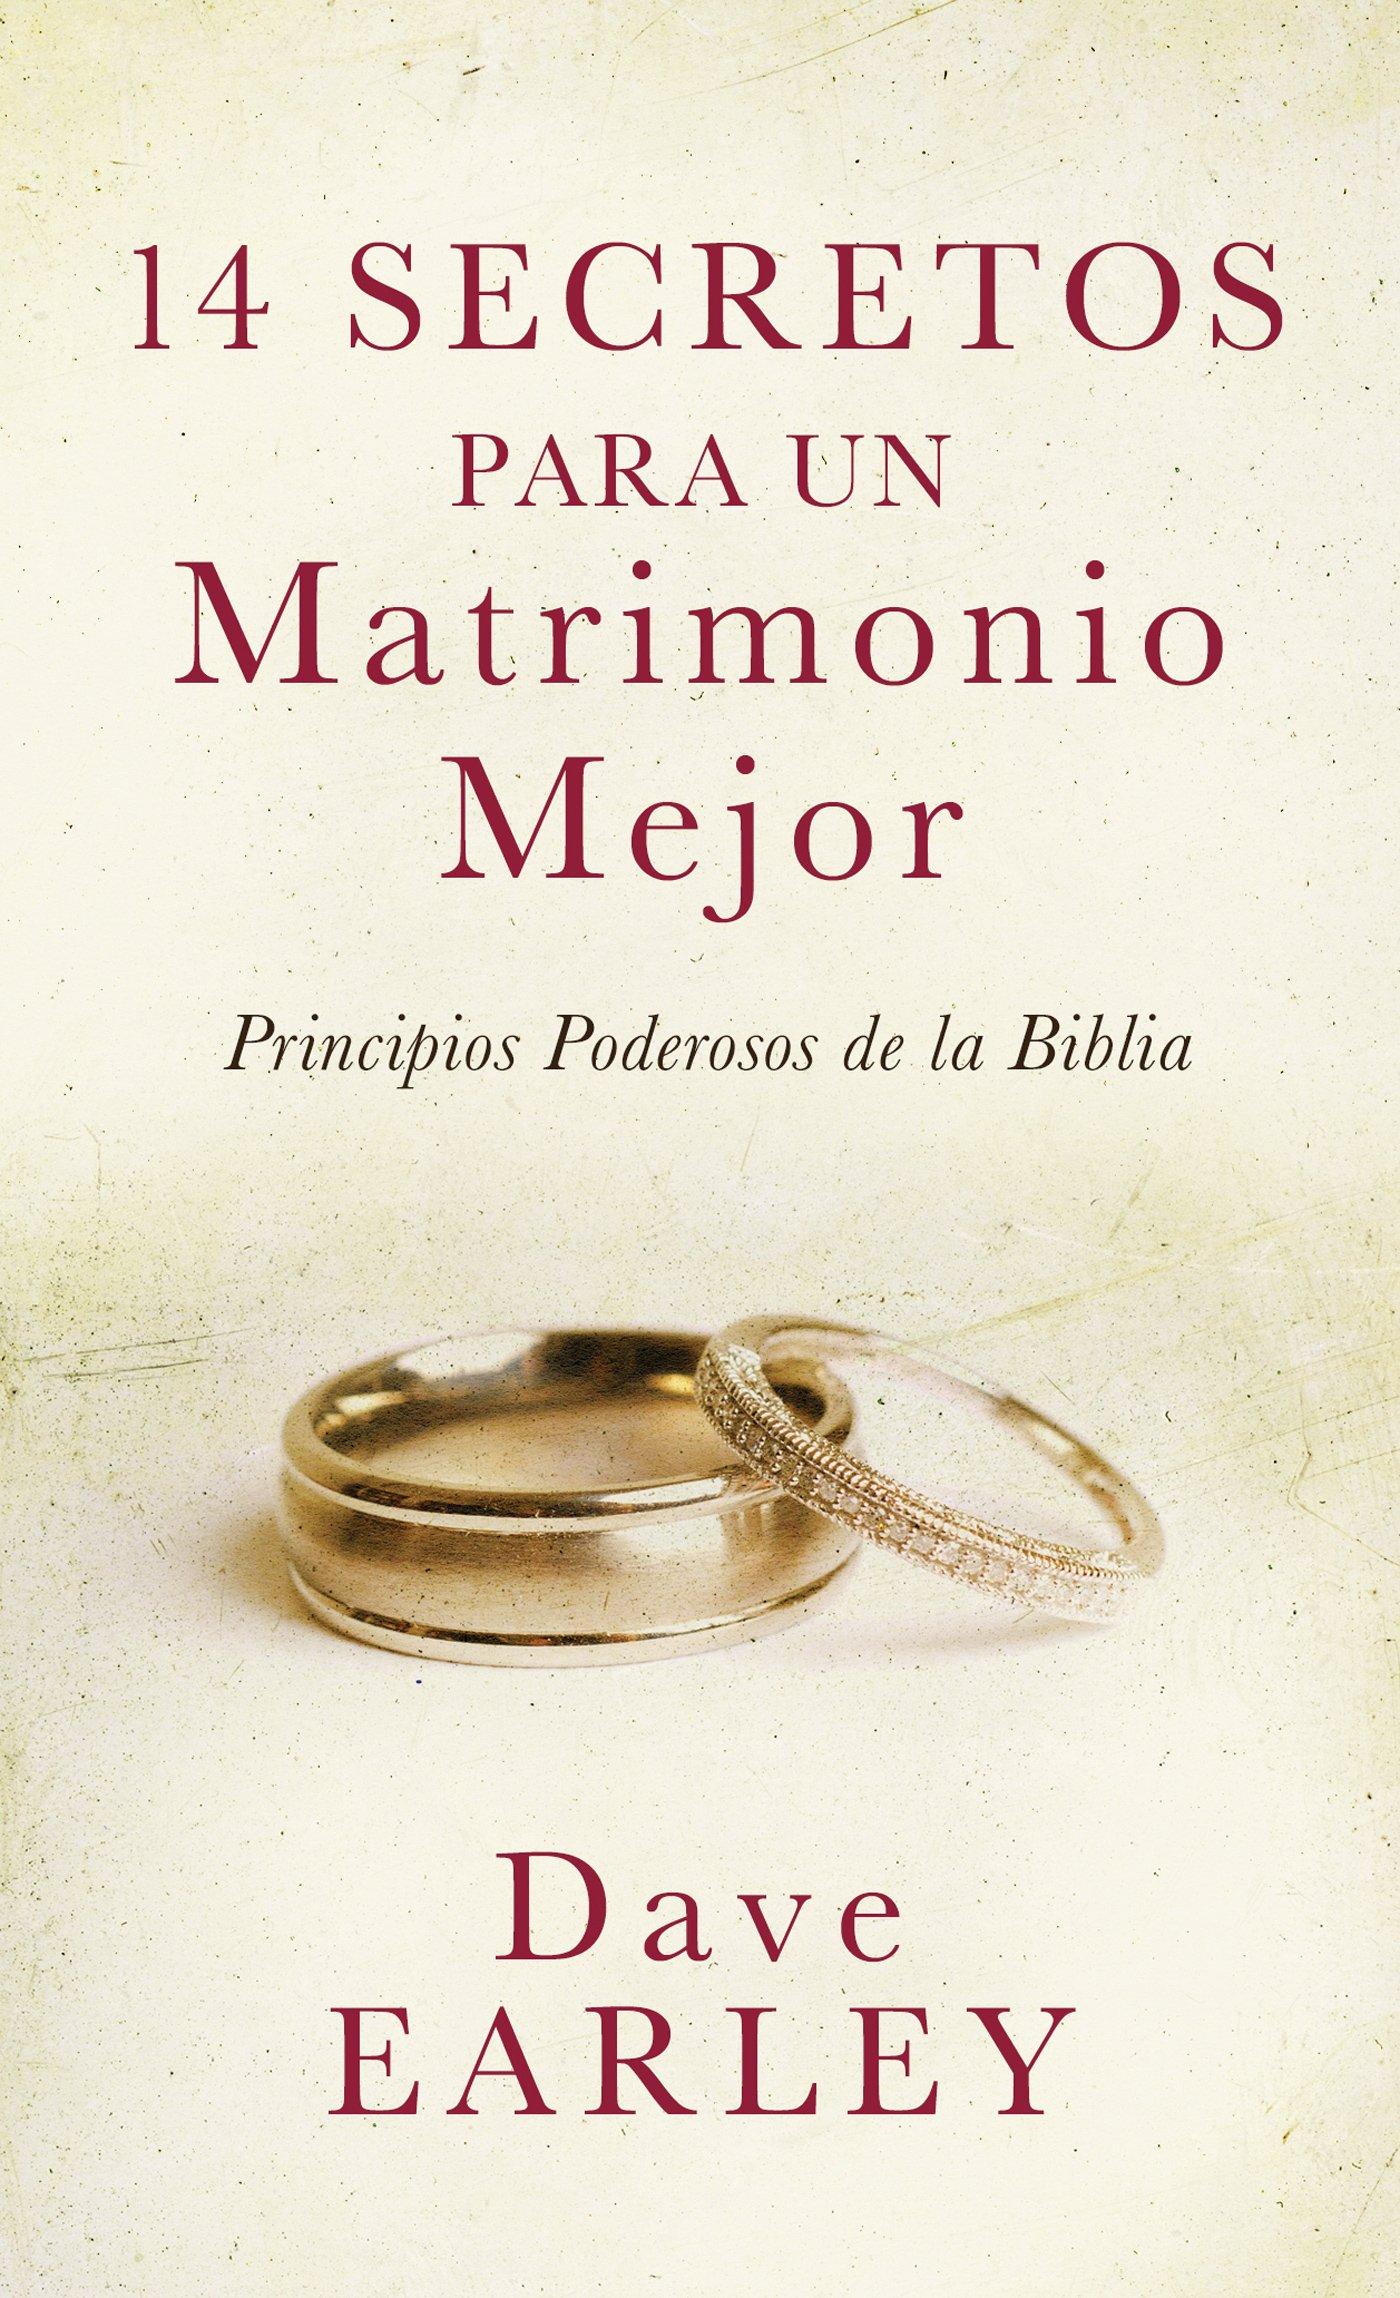 14 Secretos Para Un Matrimonio Mejor: Amazon.es: Earley, Dave: Libros en idiomas extranjeros